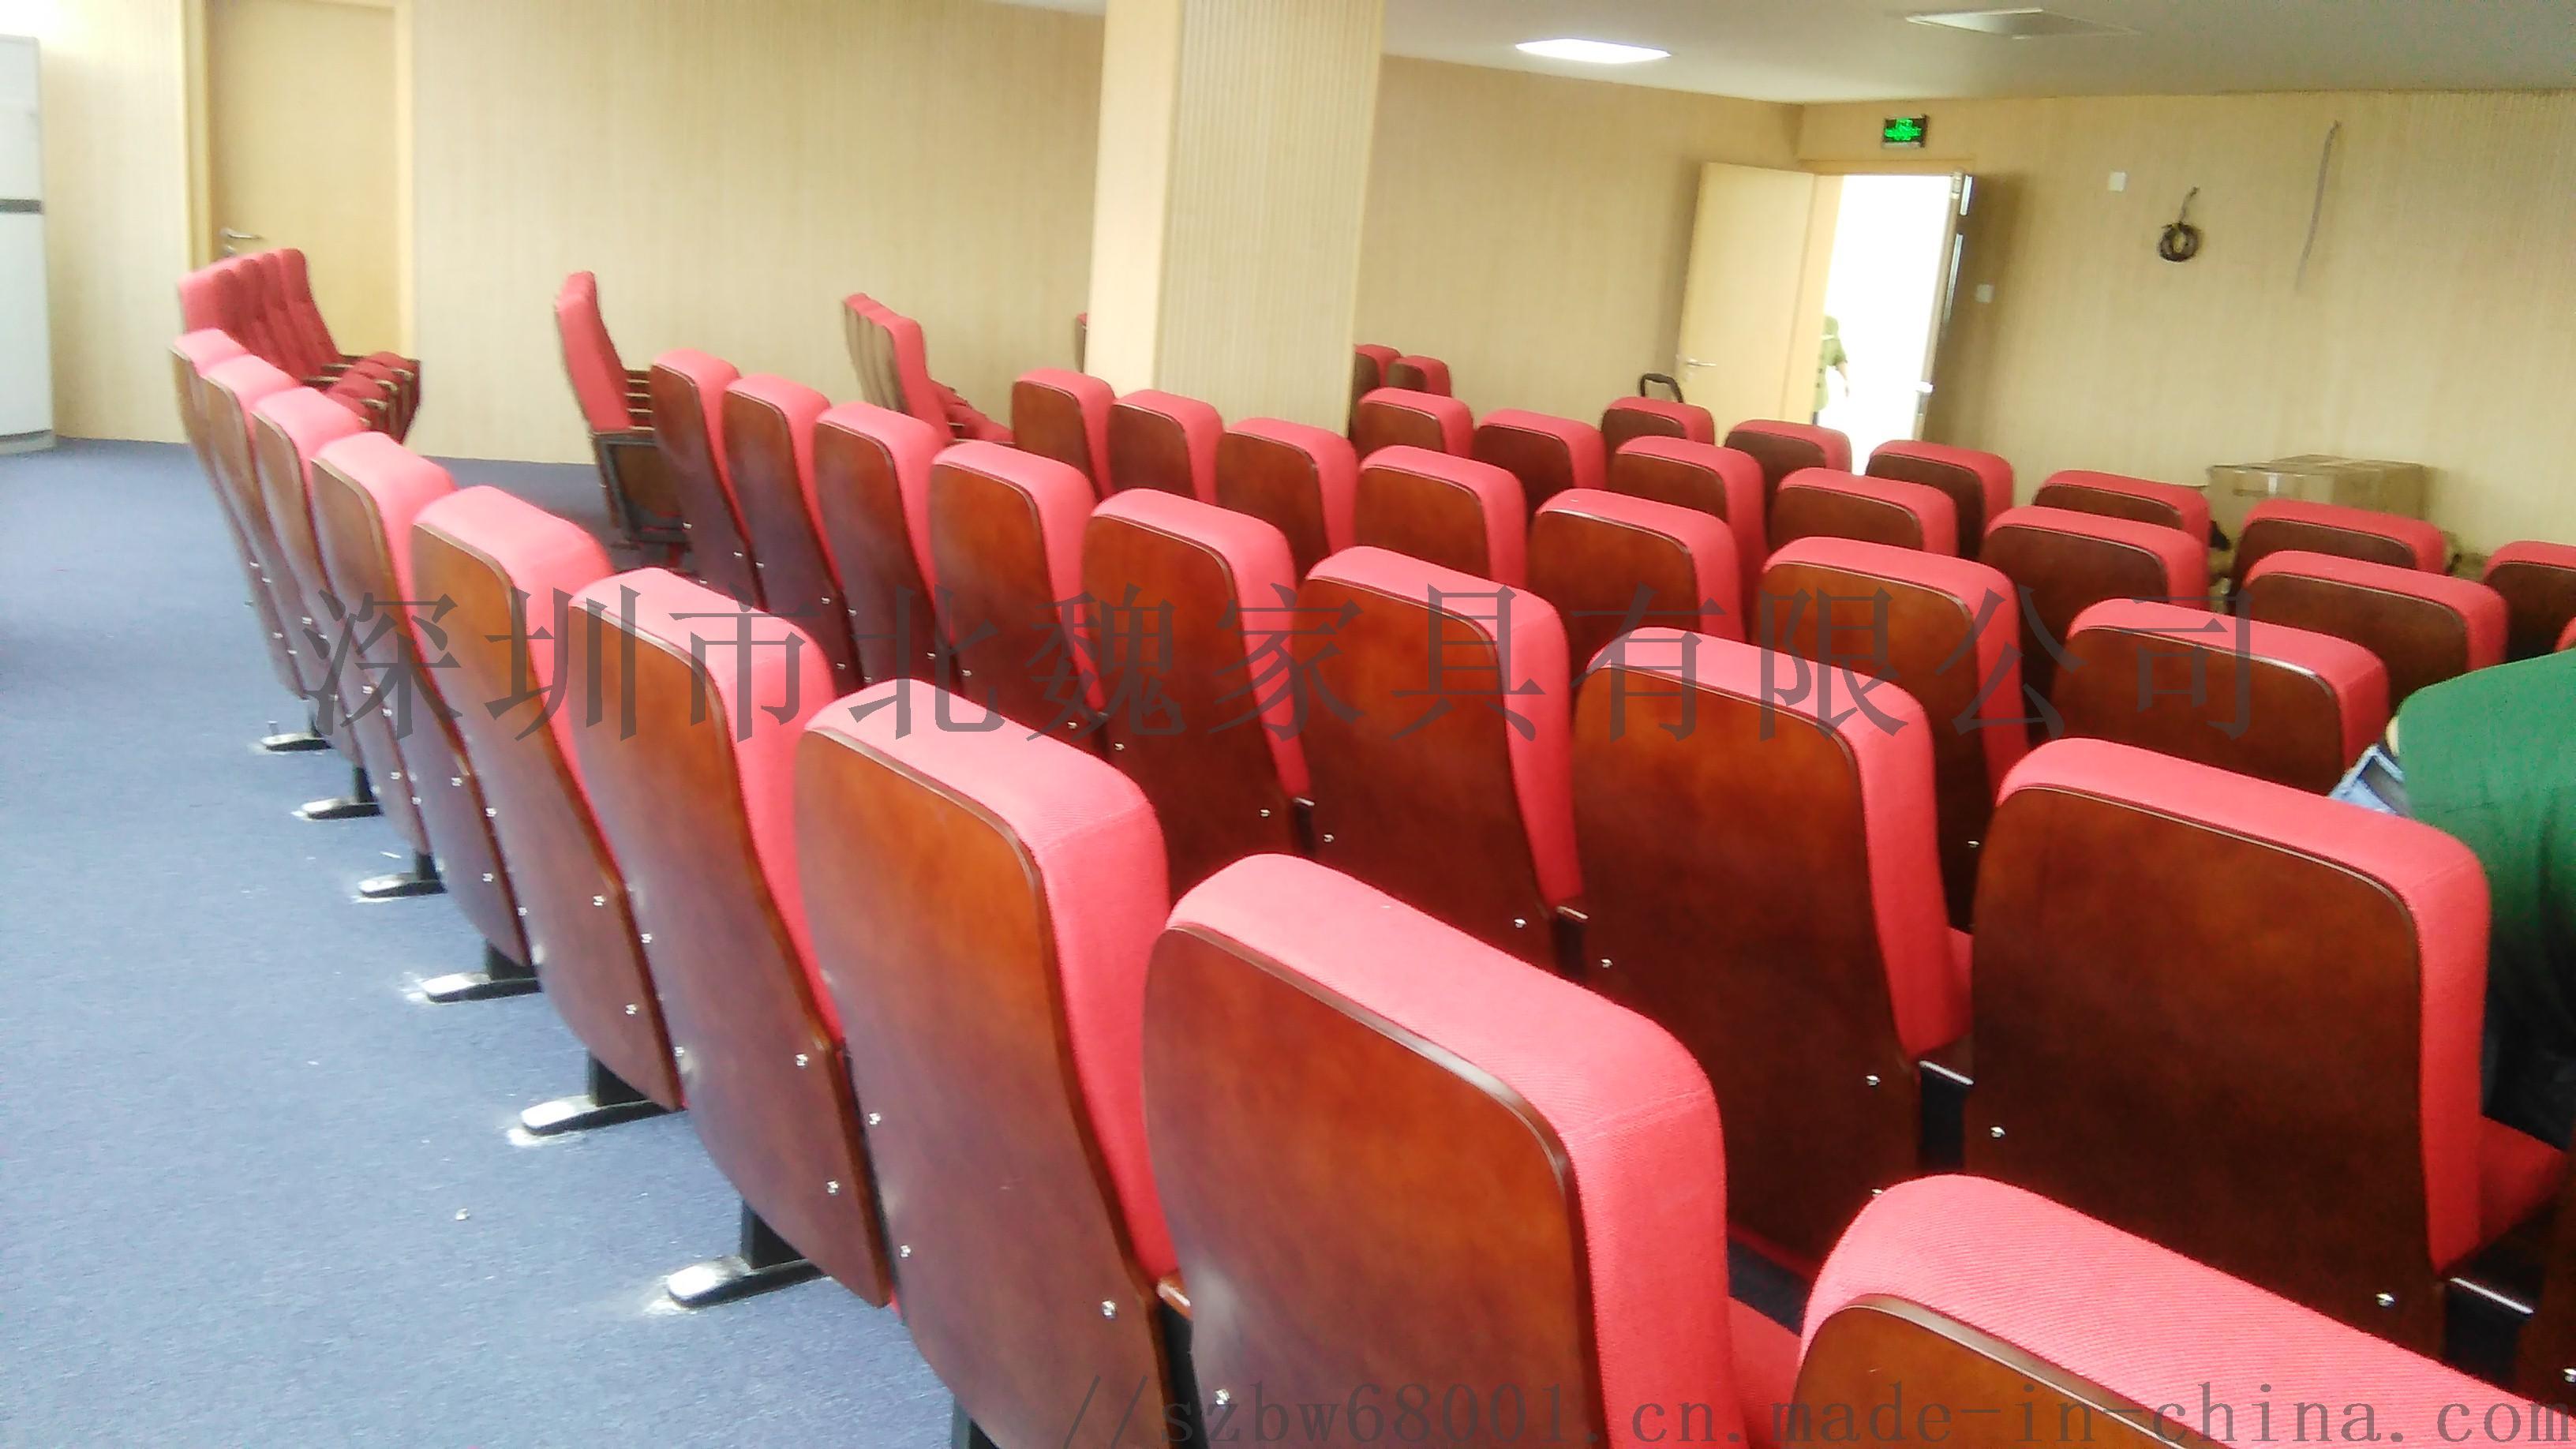 廣東禮堂椅製造、廣東鋁合金禮堂椅、廣東禮堂椅 廣區樂、鋁合金禮堂椅配件、雲南鋁合金禮堂椅、禮堂椅廠家、廣東禮堂椅、佛山禮堂椅、順德禮堂椅96234425